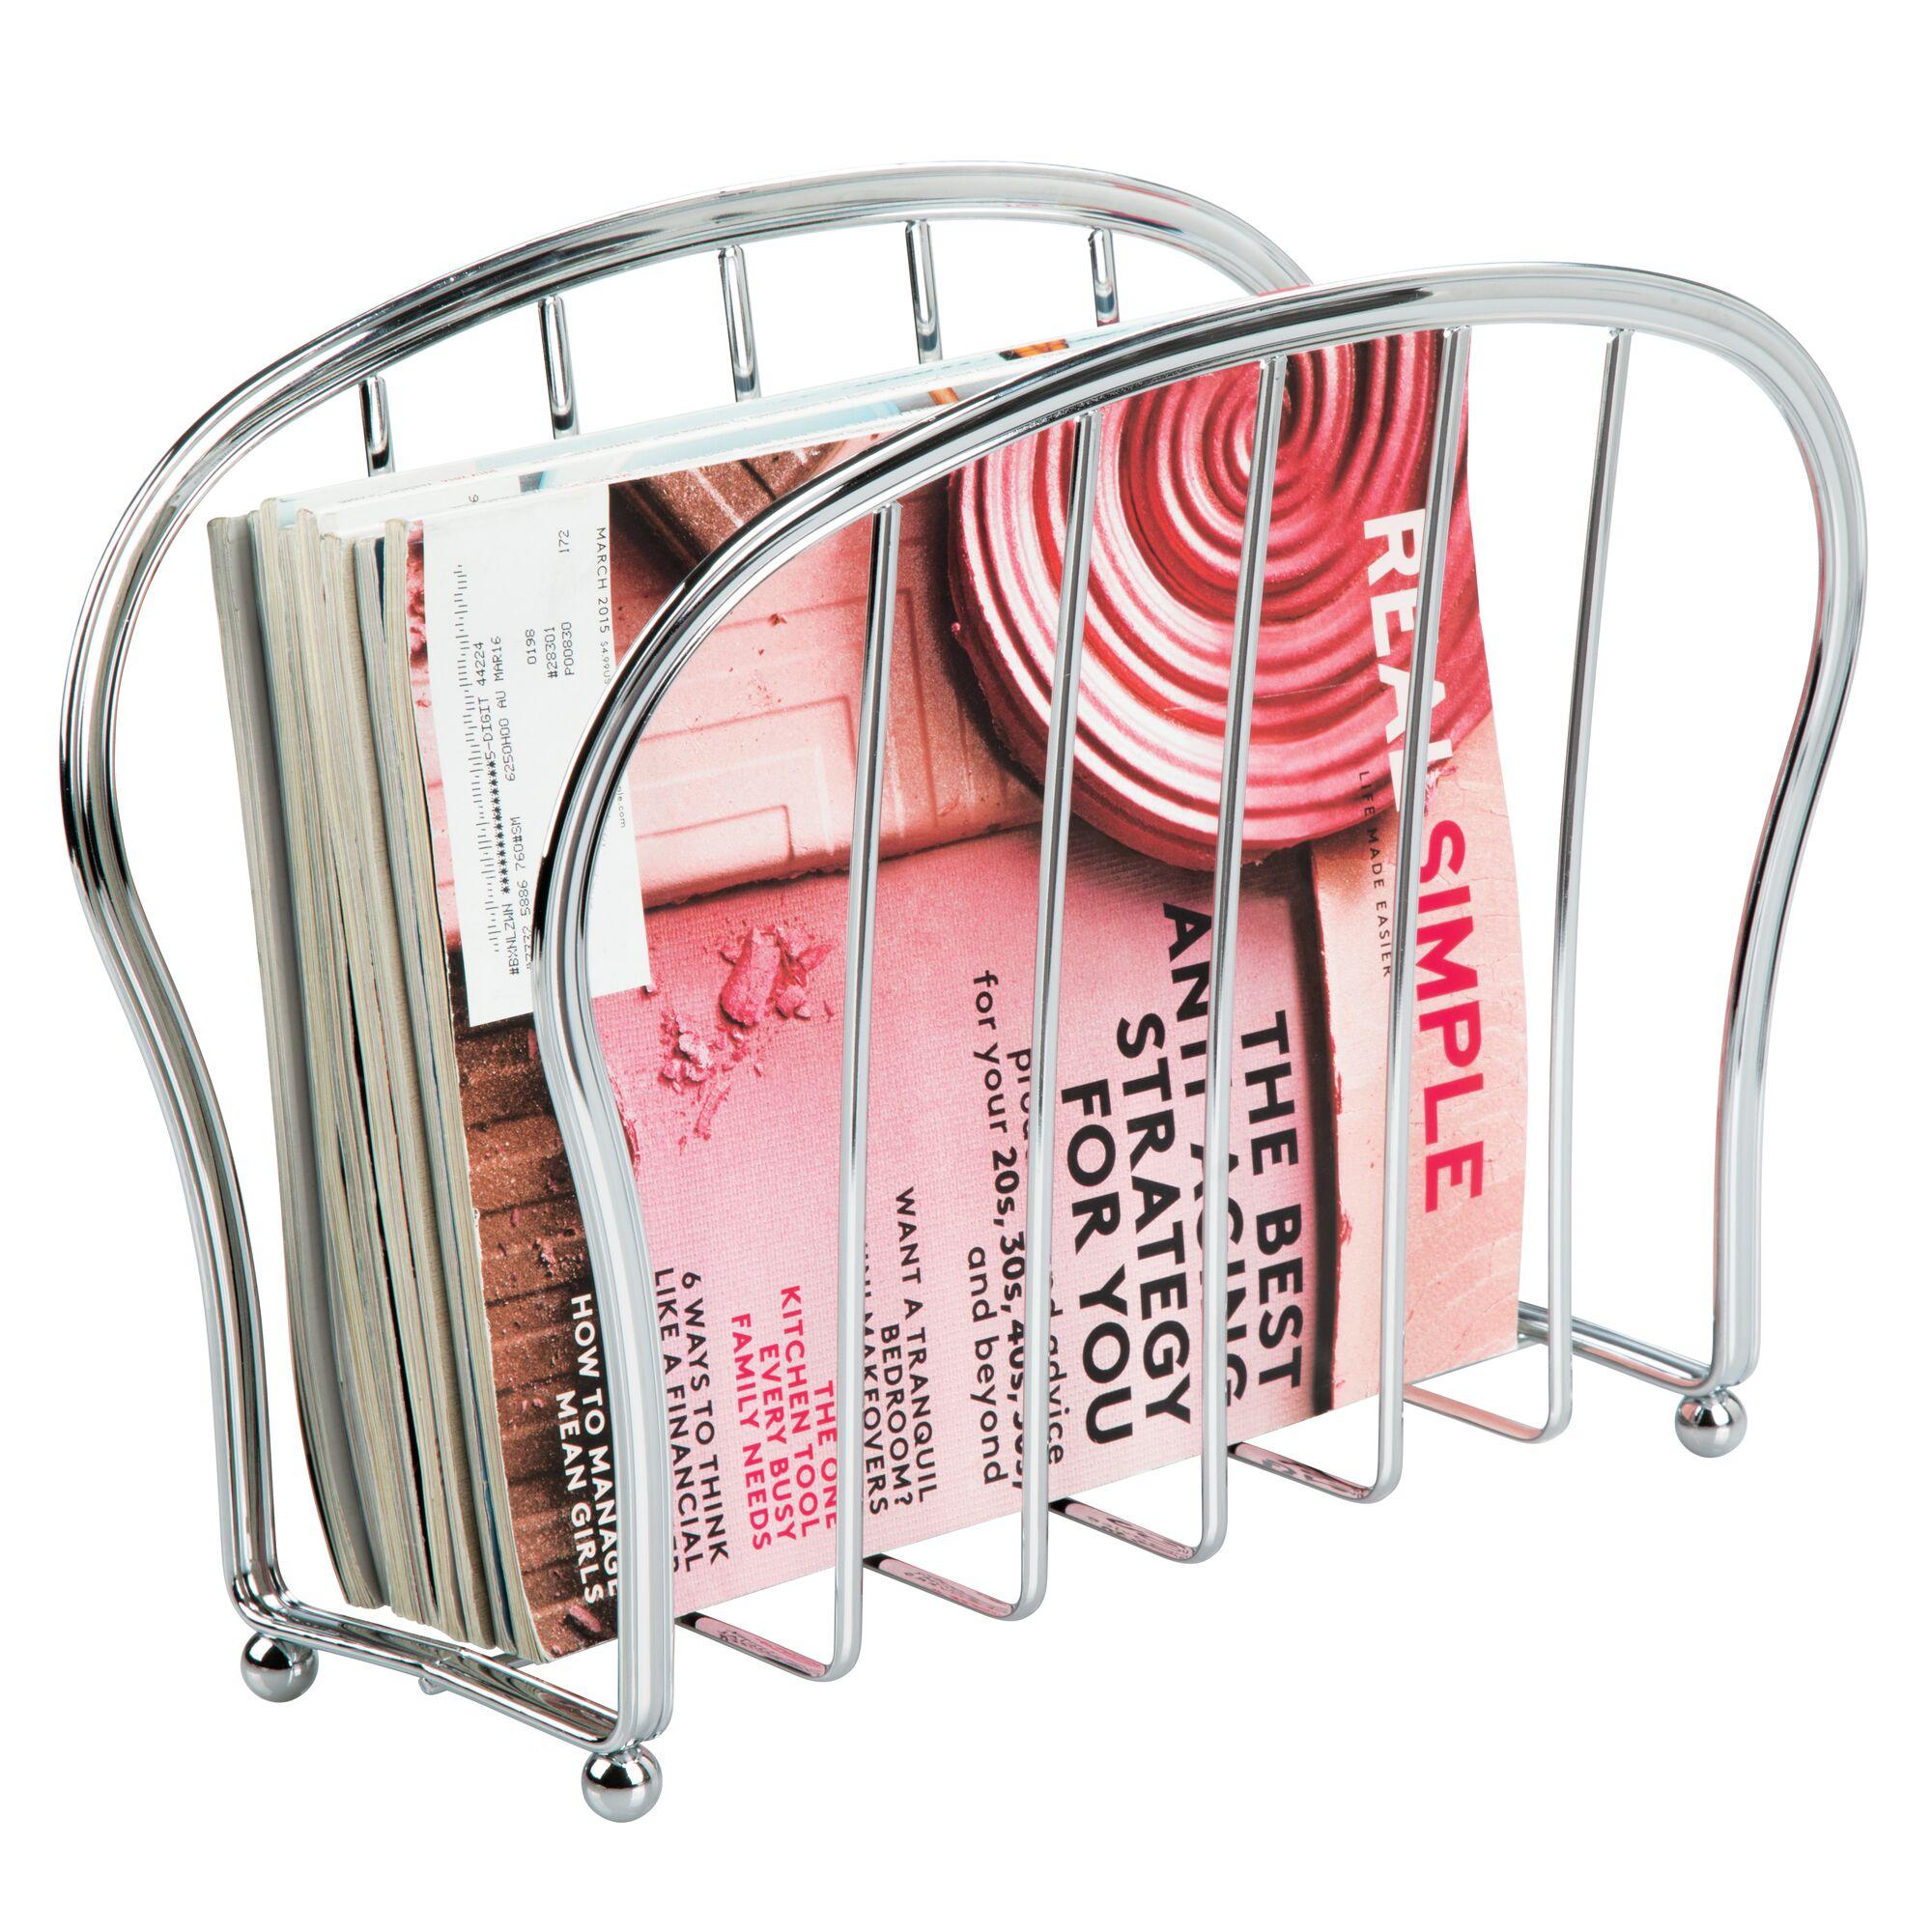 mDesign-Metal-Standing-Rack-Magazine-Holder-for-Bathroom thumbnail 30